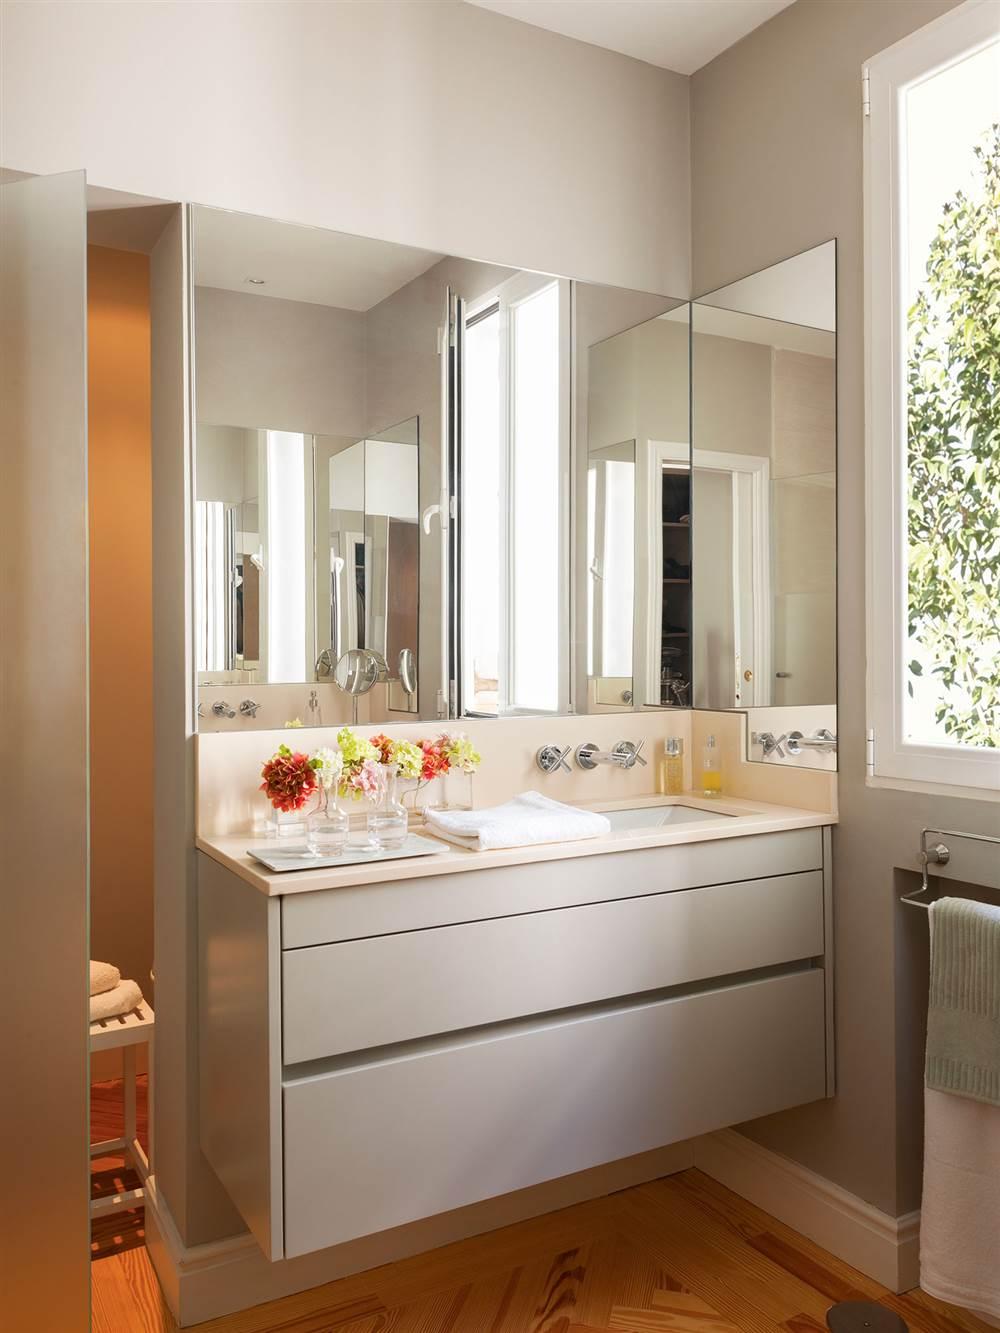 Claves para multiplicar la luz y la claridad del ba o - Espejo retroiluminado bano ...